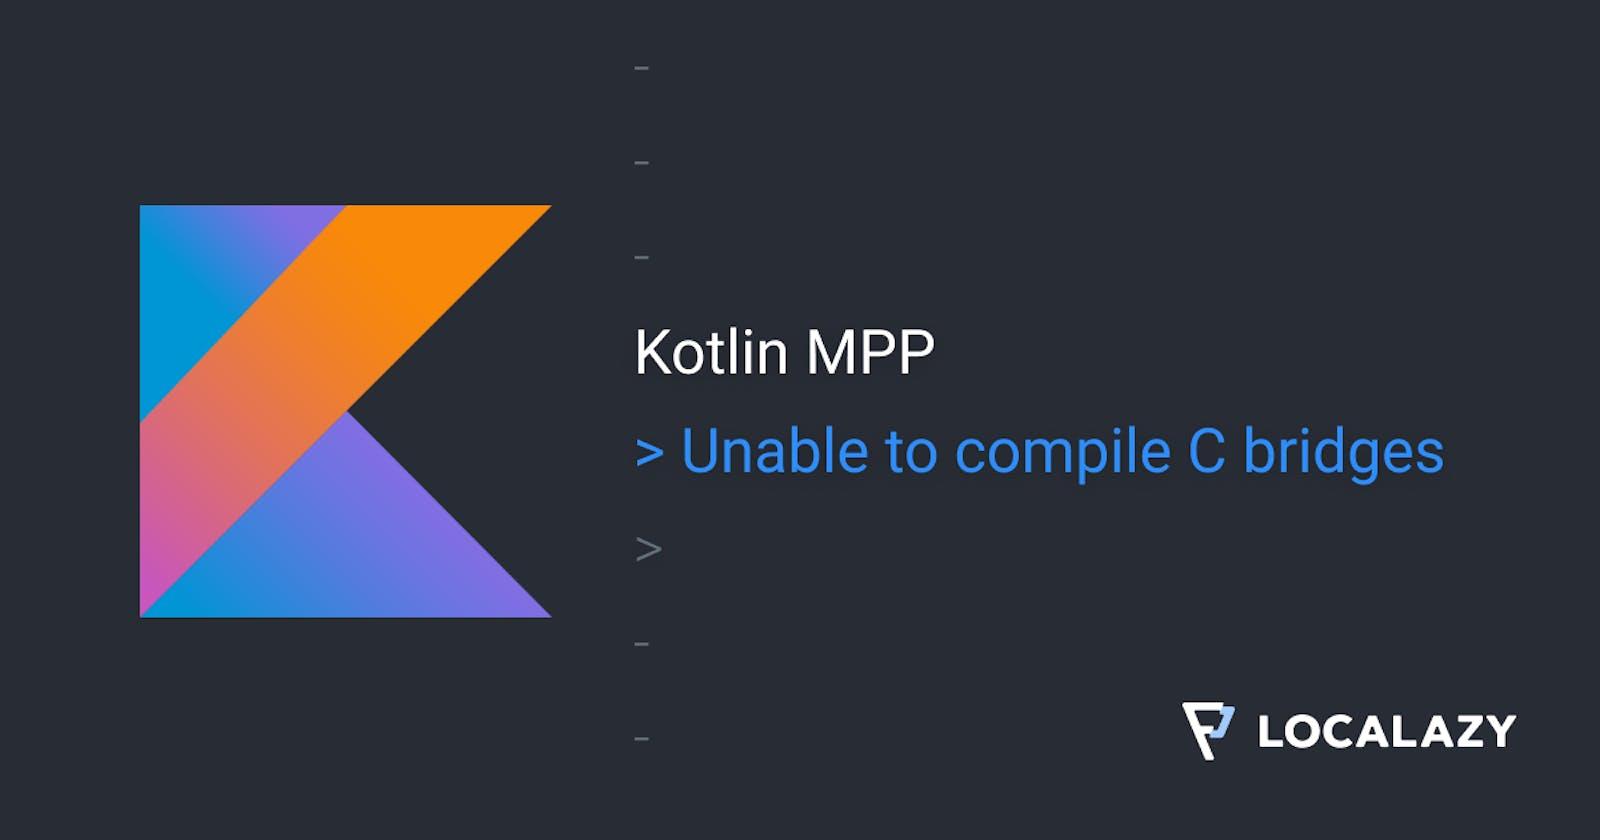 Kotlin MPP: Unable to compile C bridges